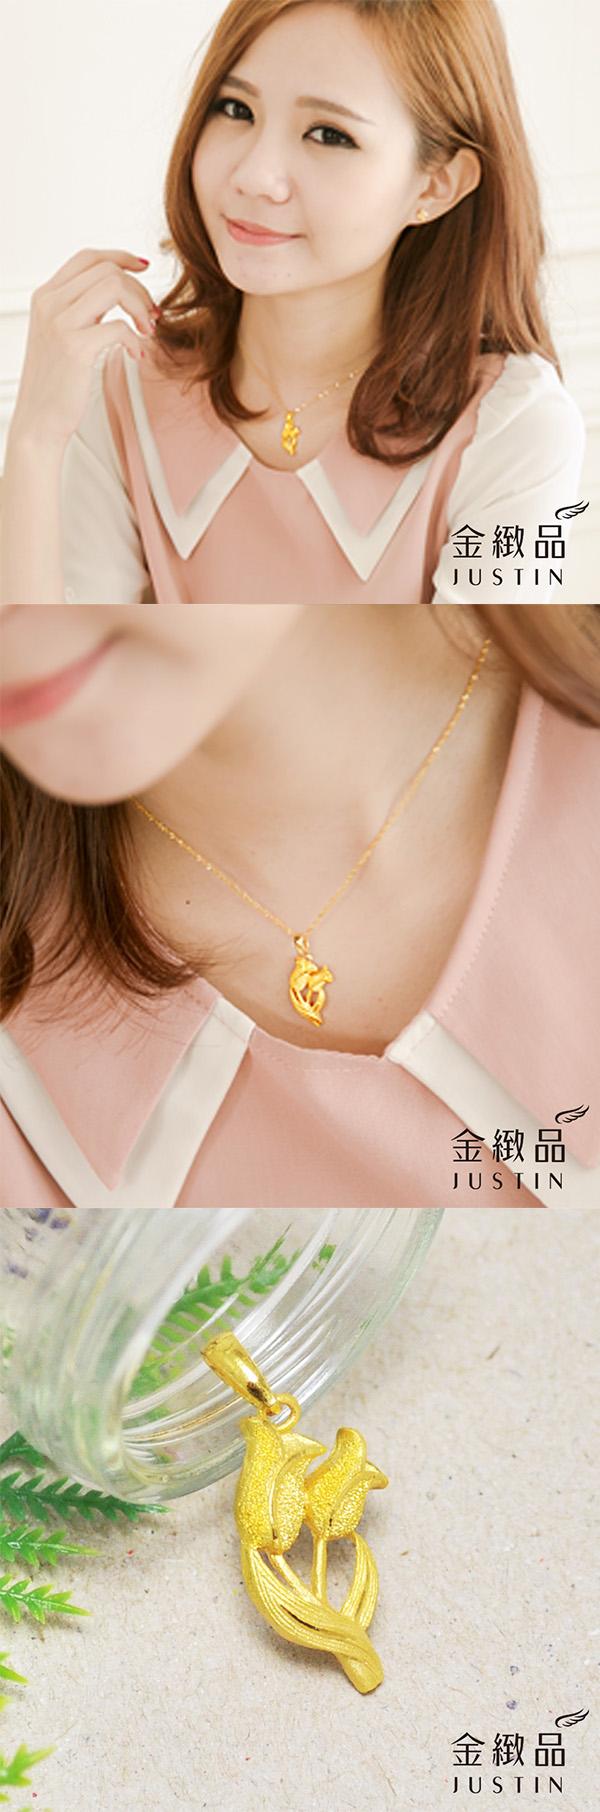 金緻品,金製品,黃金價格,金飾,金飾價格,黃金飾品,金飾店,純金,金飾品牌,黃金投資,黃金墜子,鬱金香氛